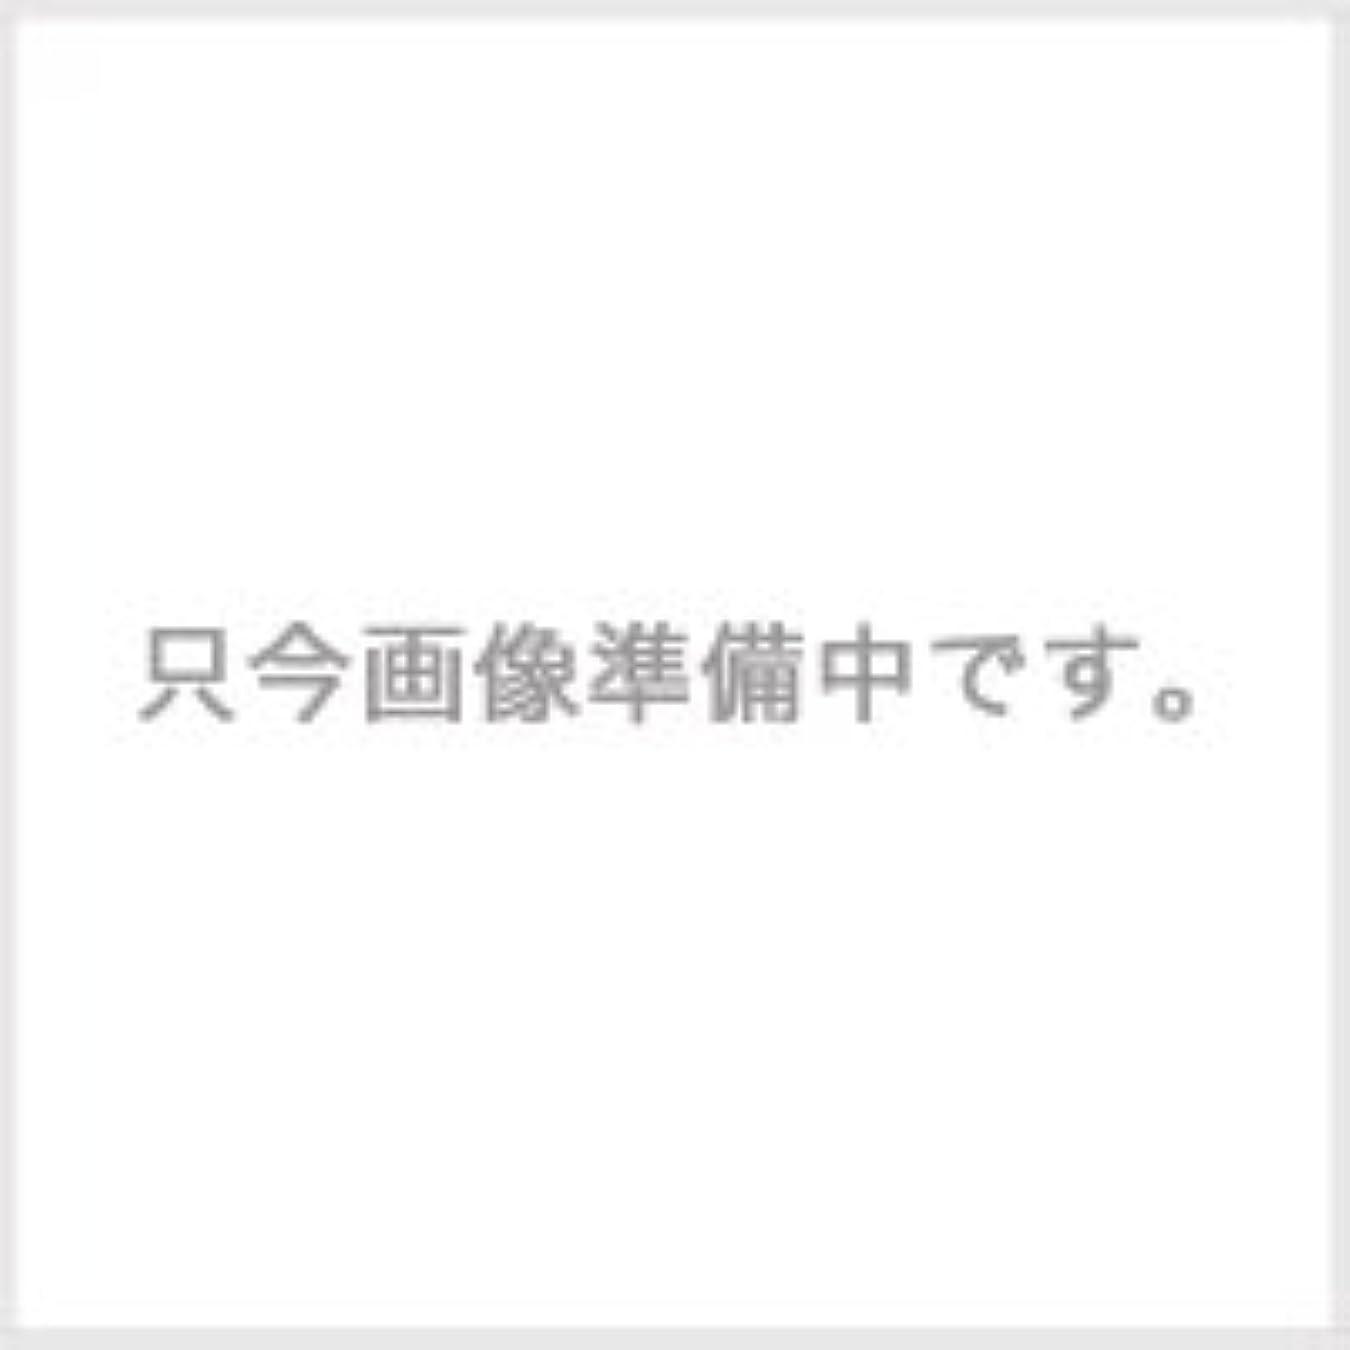 野なリス金曜日コタ スタイリング SH スーパーハードジェル 100g